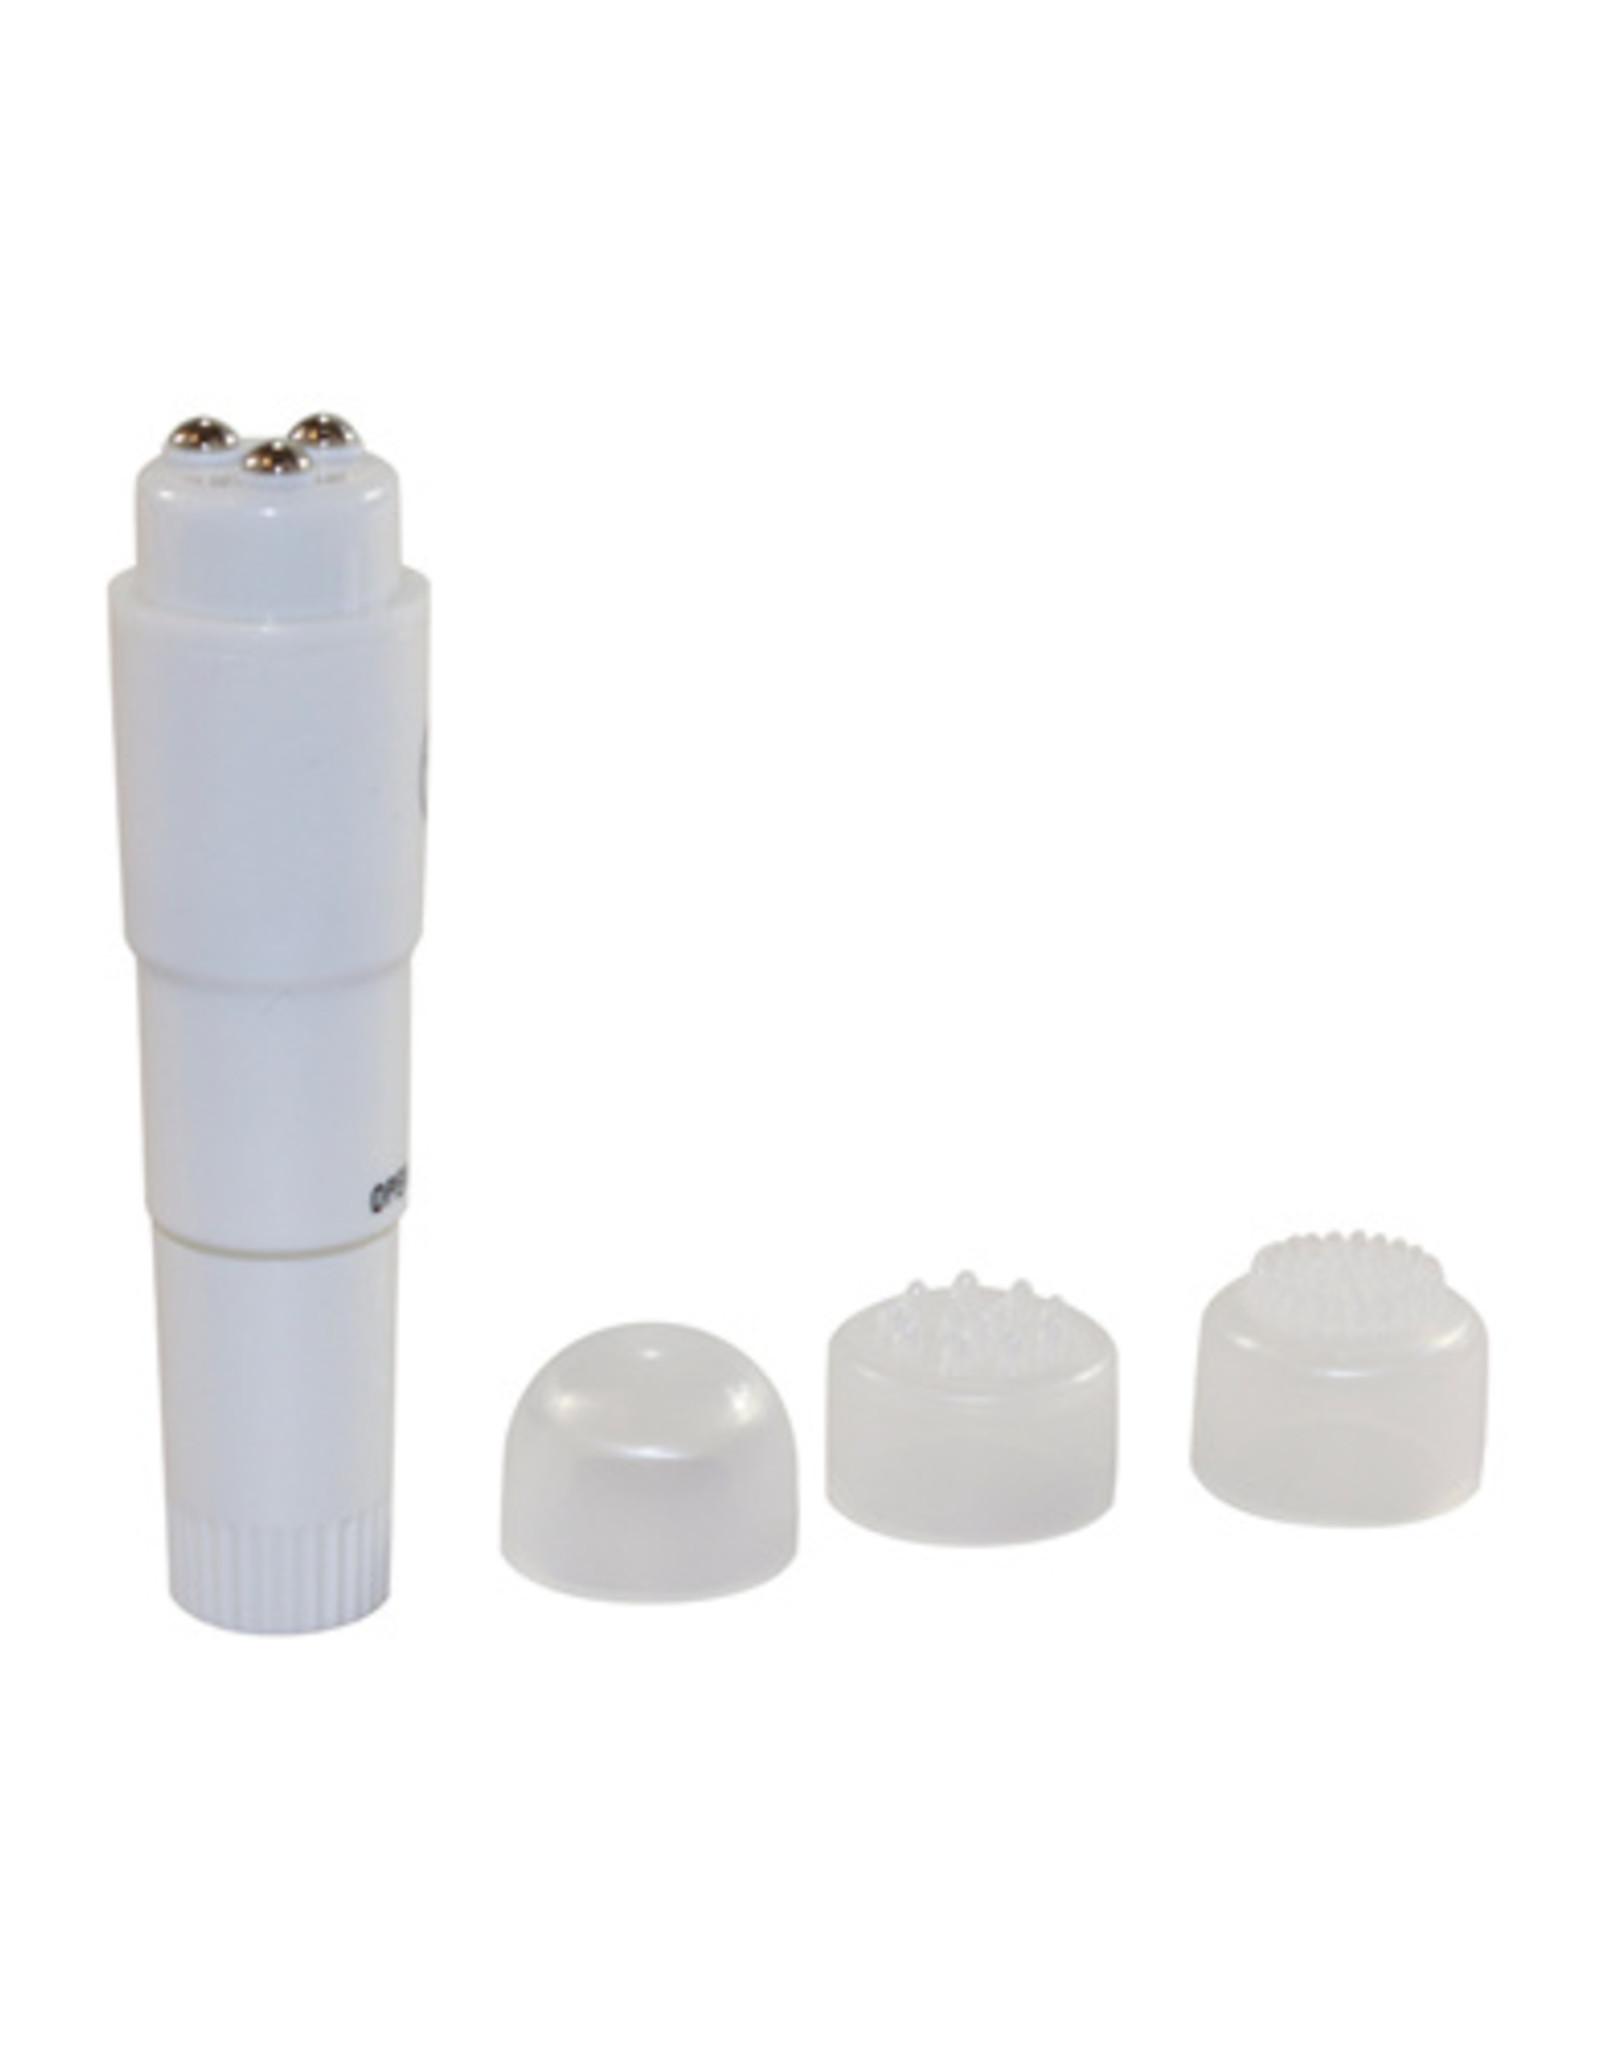 You2Toys Compact Pro mini vibrator